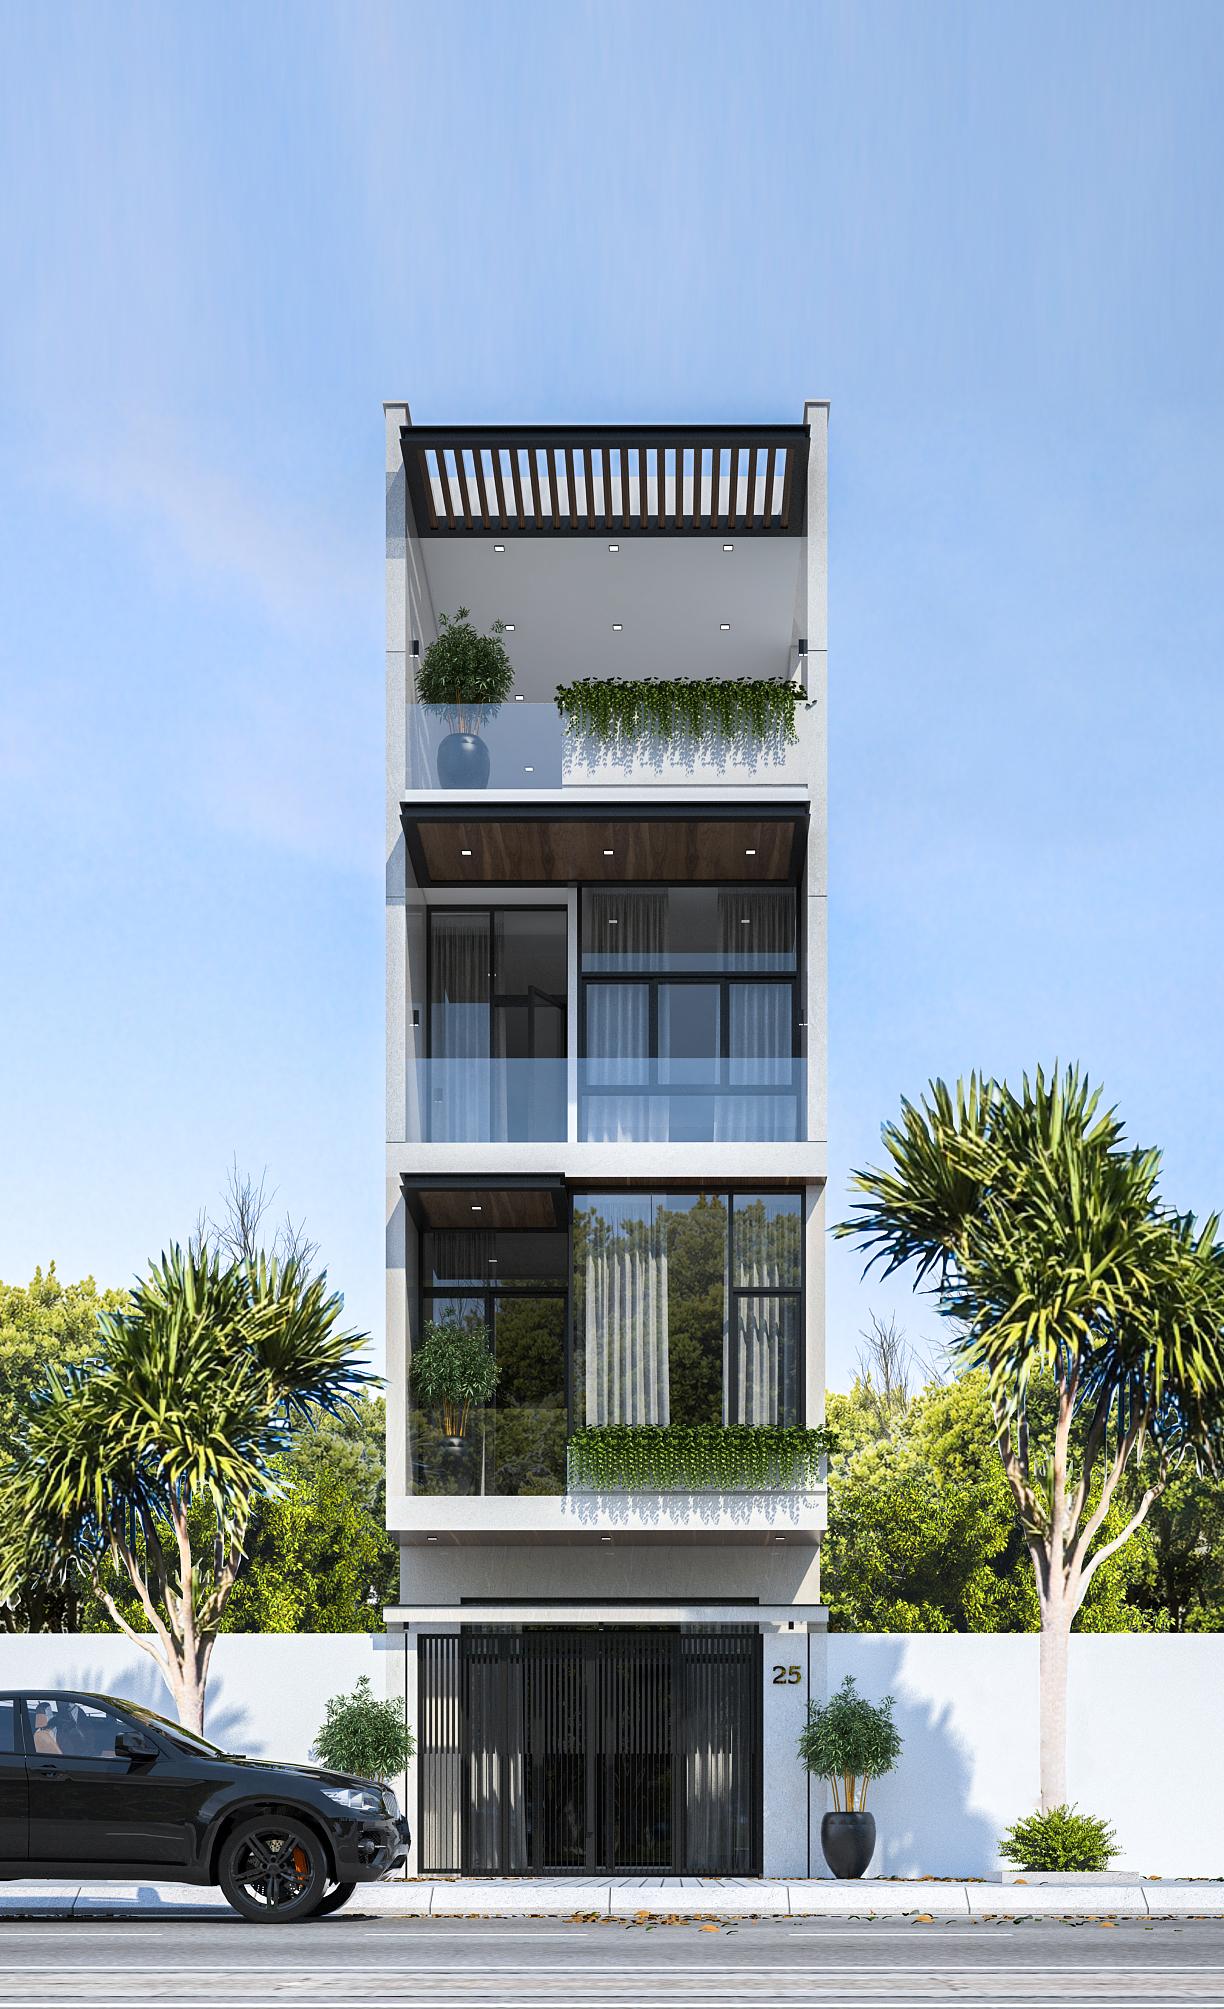 34 Mẫu thiết kế nhà phố 4 tầng đẹp hiện đại và đơn giản 34